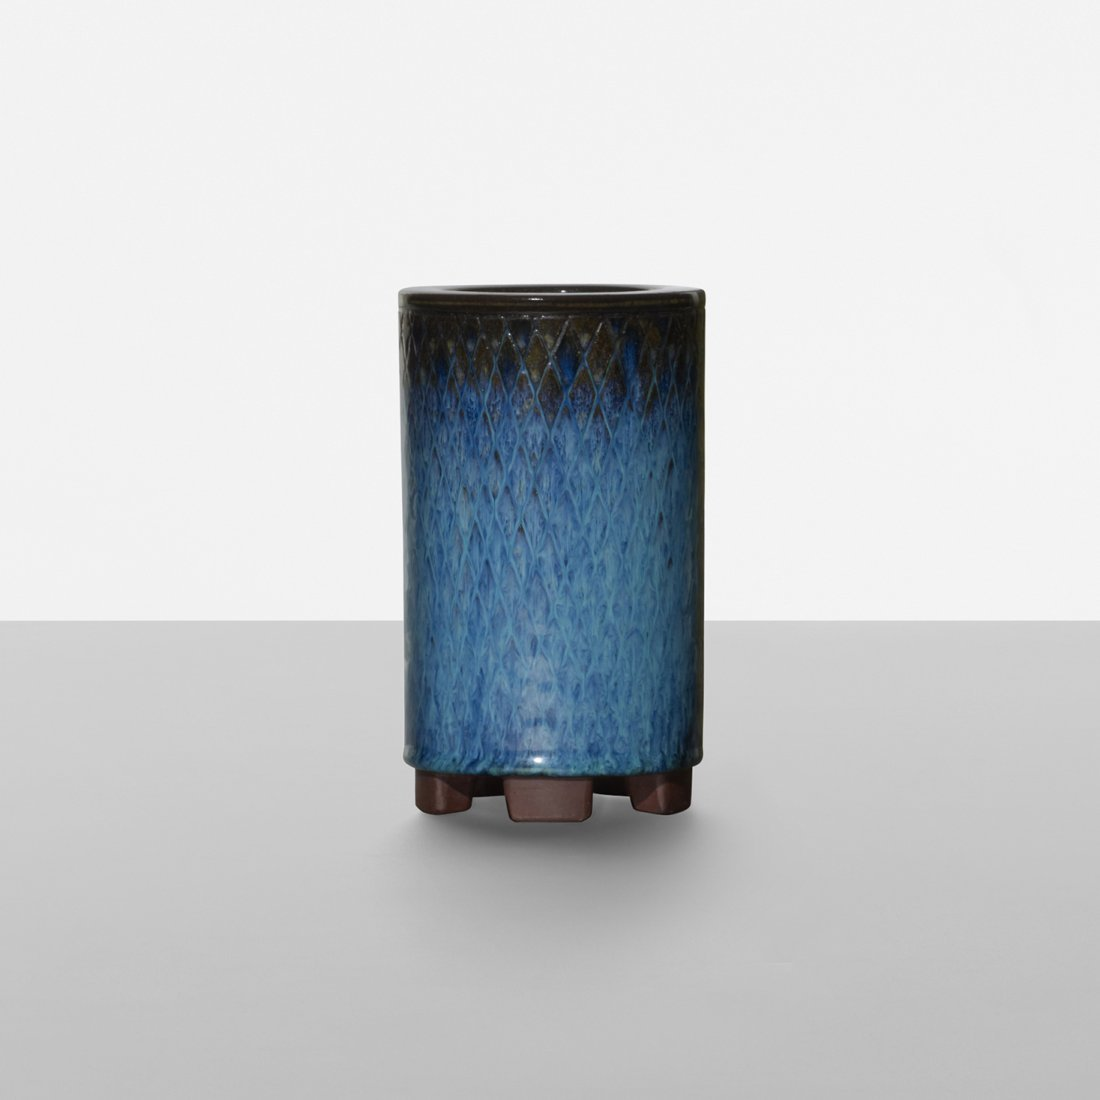 116: Wilhelm Kåge Farsta vase